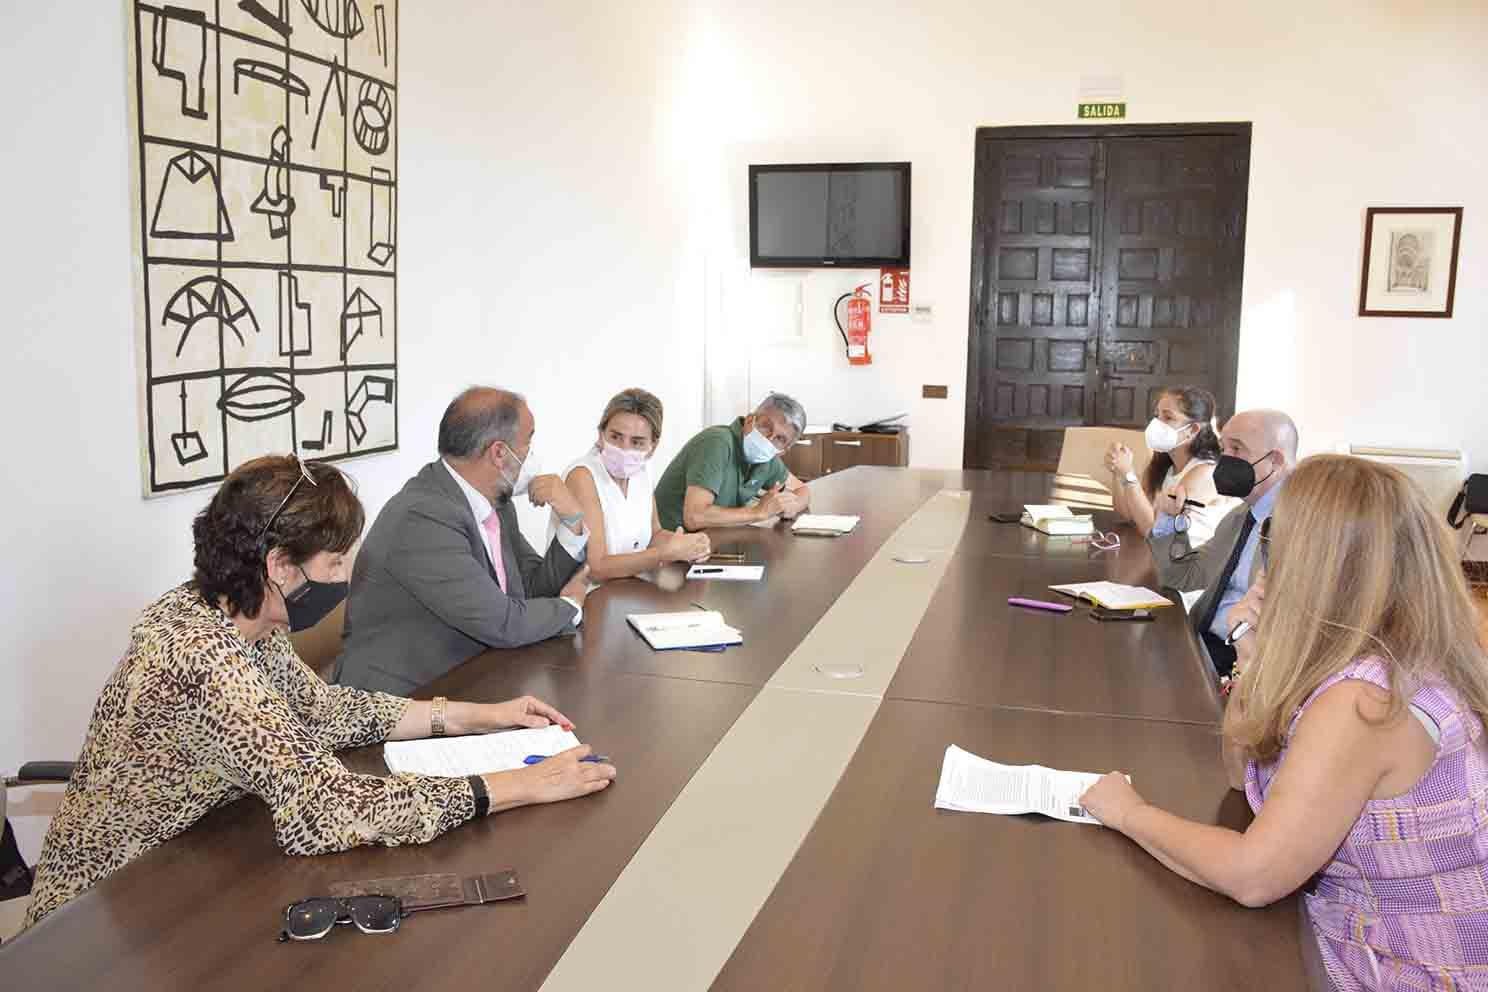 Reunión de trabajo entre representantes de la UCLM y el Ayuntamiento de Toledo.